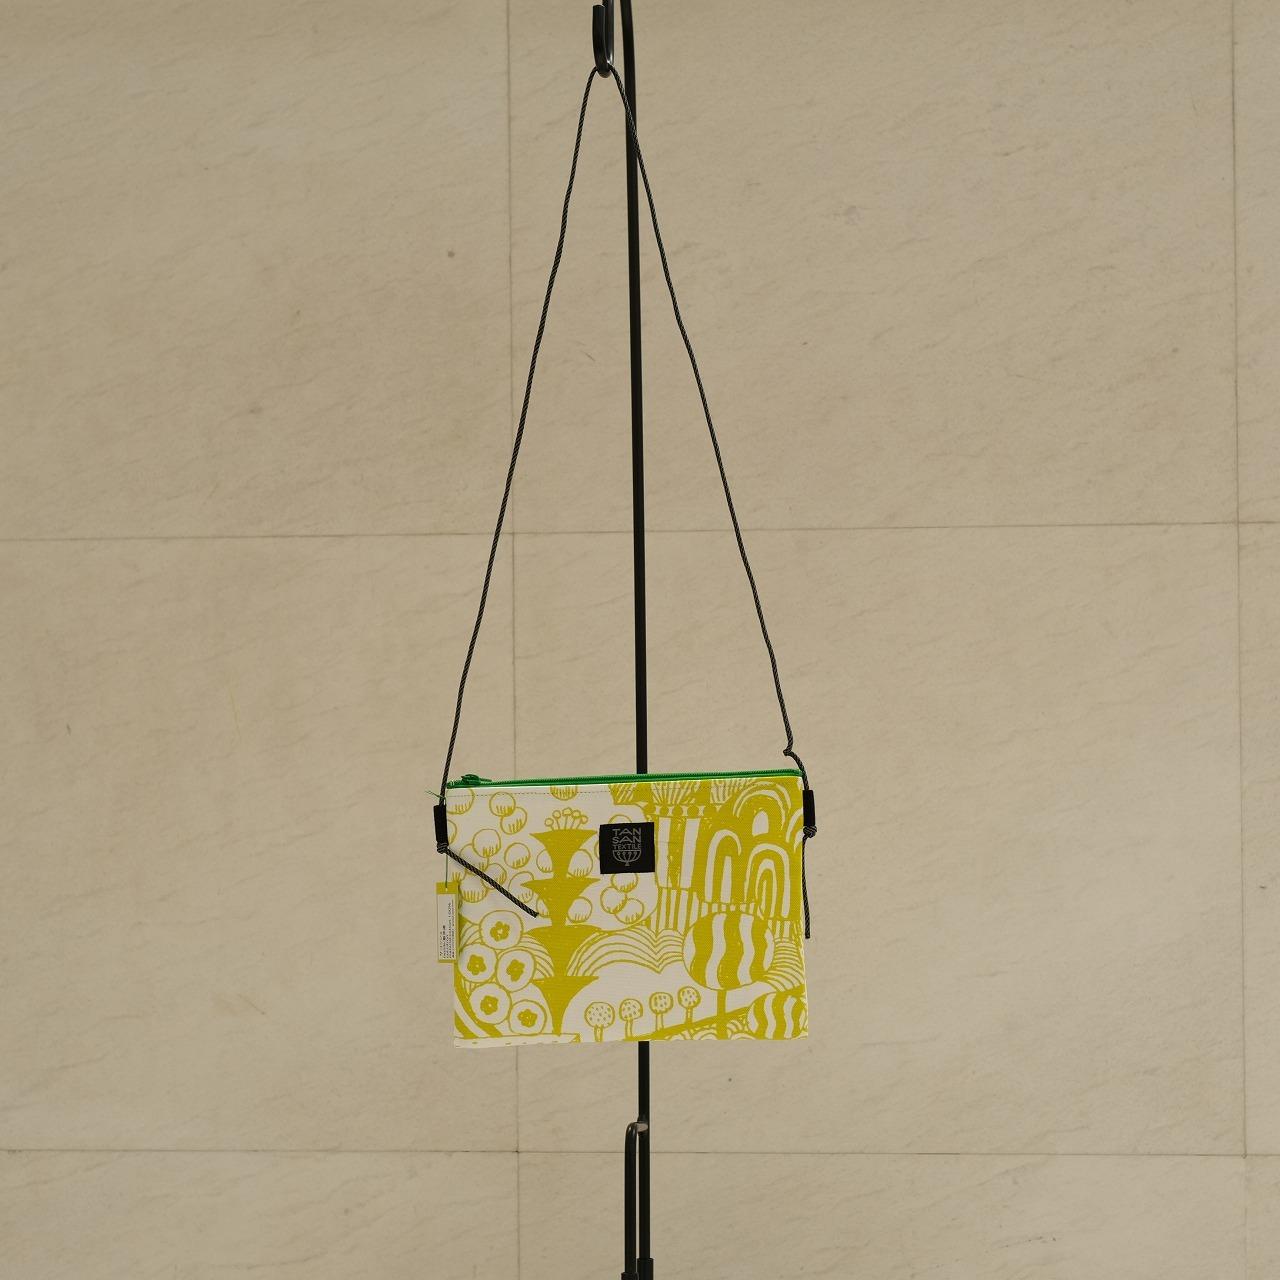 炭酸デザイン室 オンライン展示会 サコッシュ_d0182409_17021101.jpg